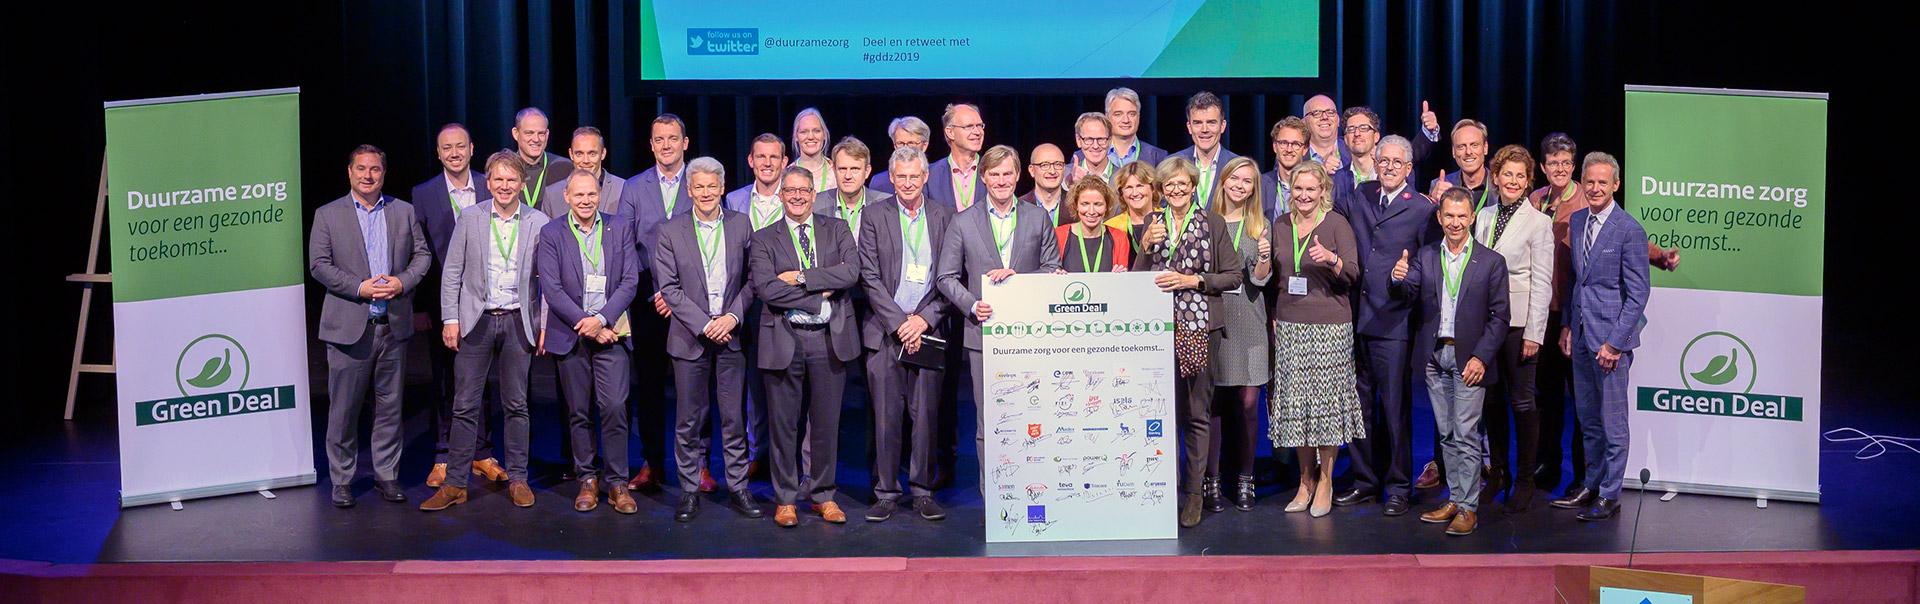 PowerQ tekent Green Deal en nodigt u uit voor duurzaam stappenplan